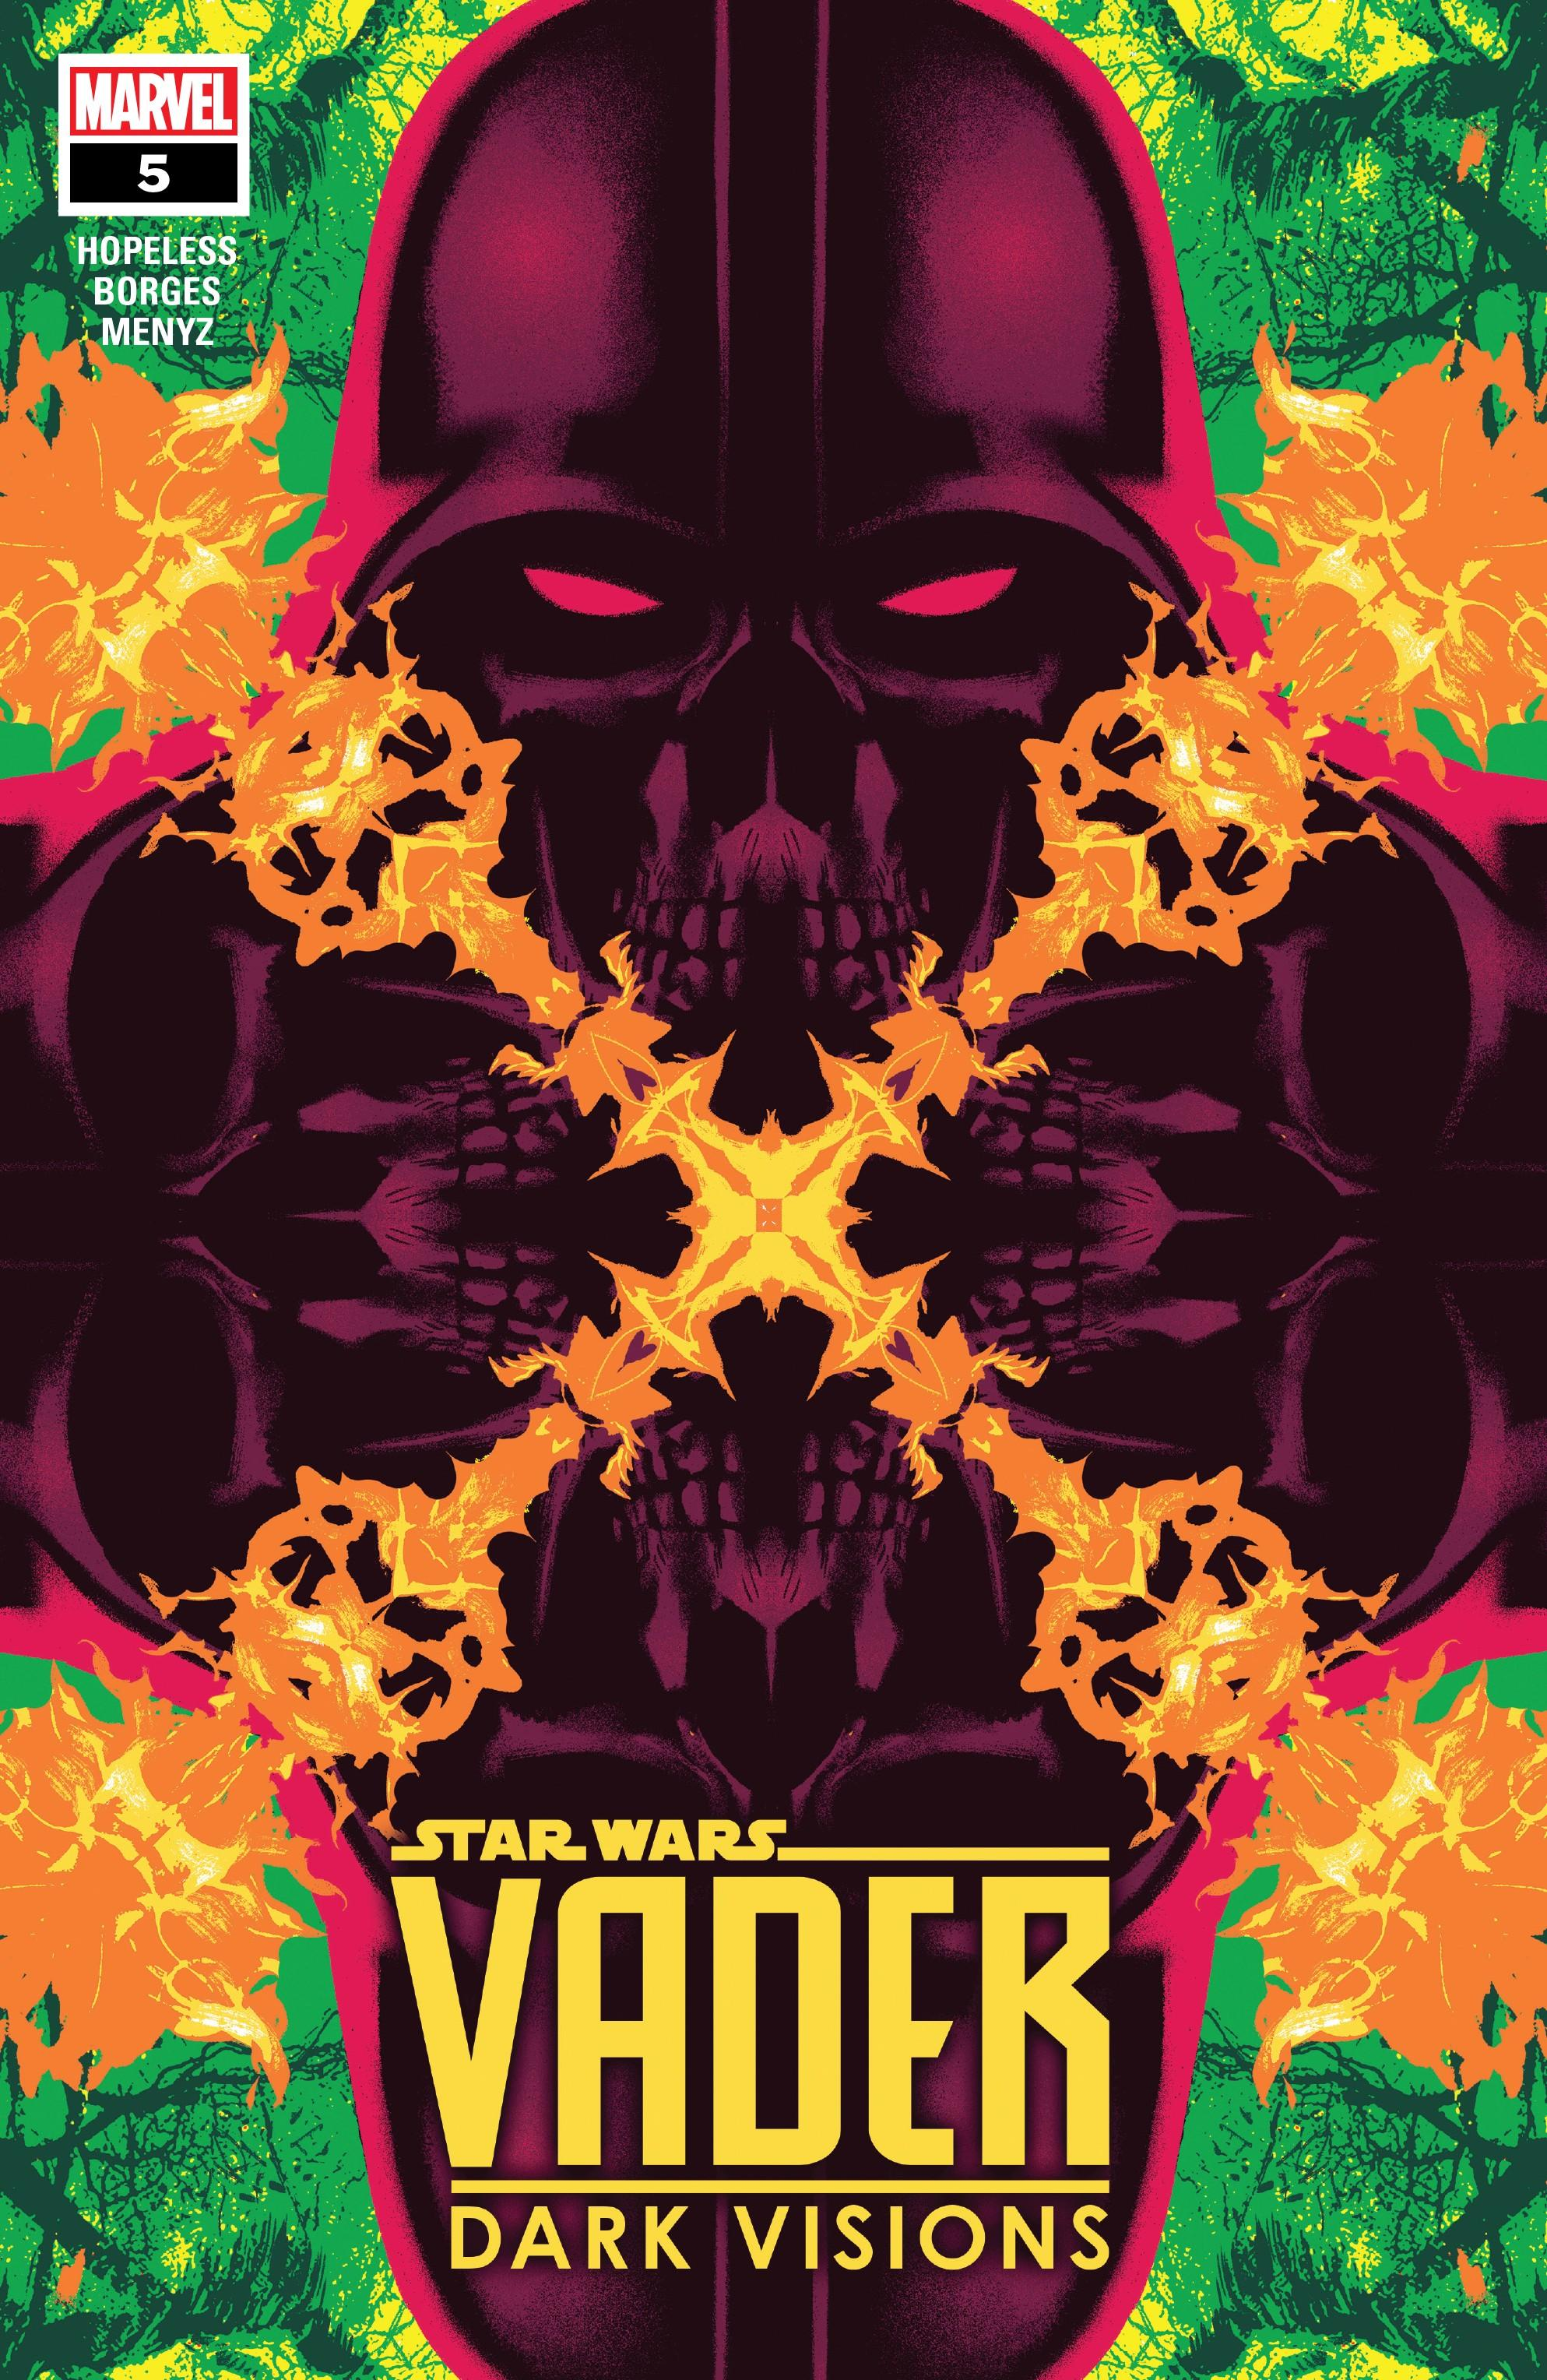 VaderDarkVisions-5.jpg